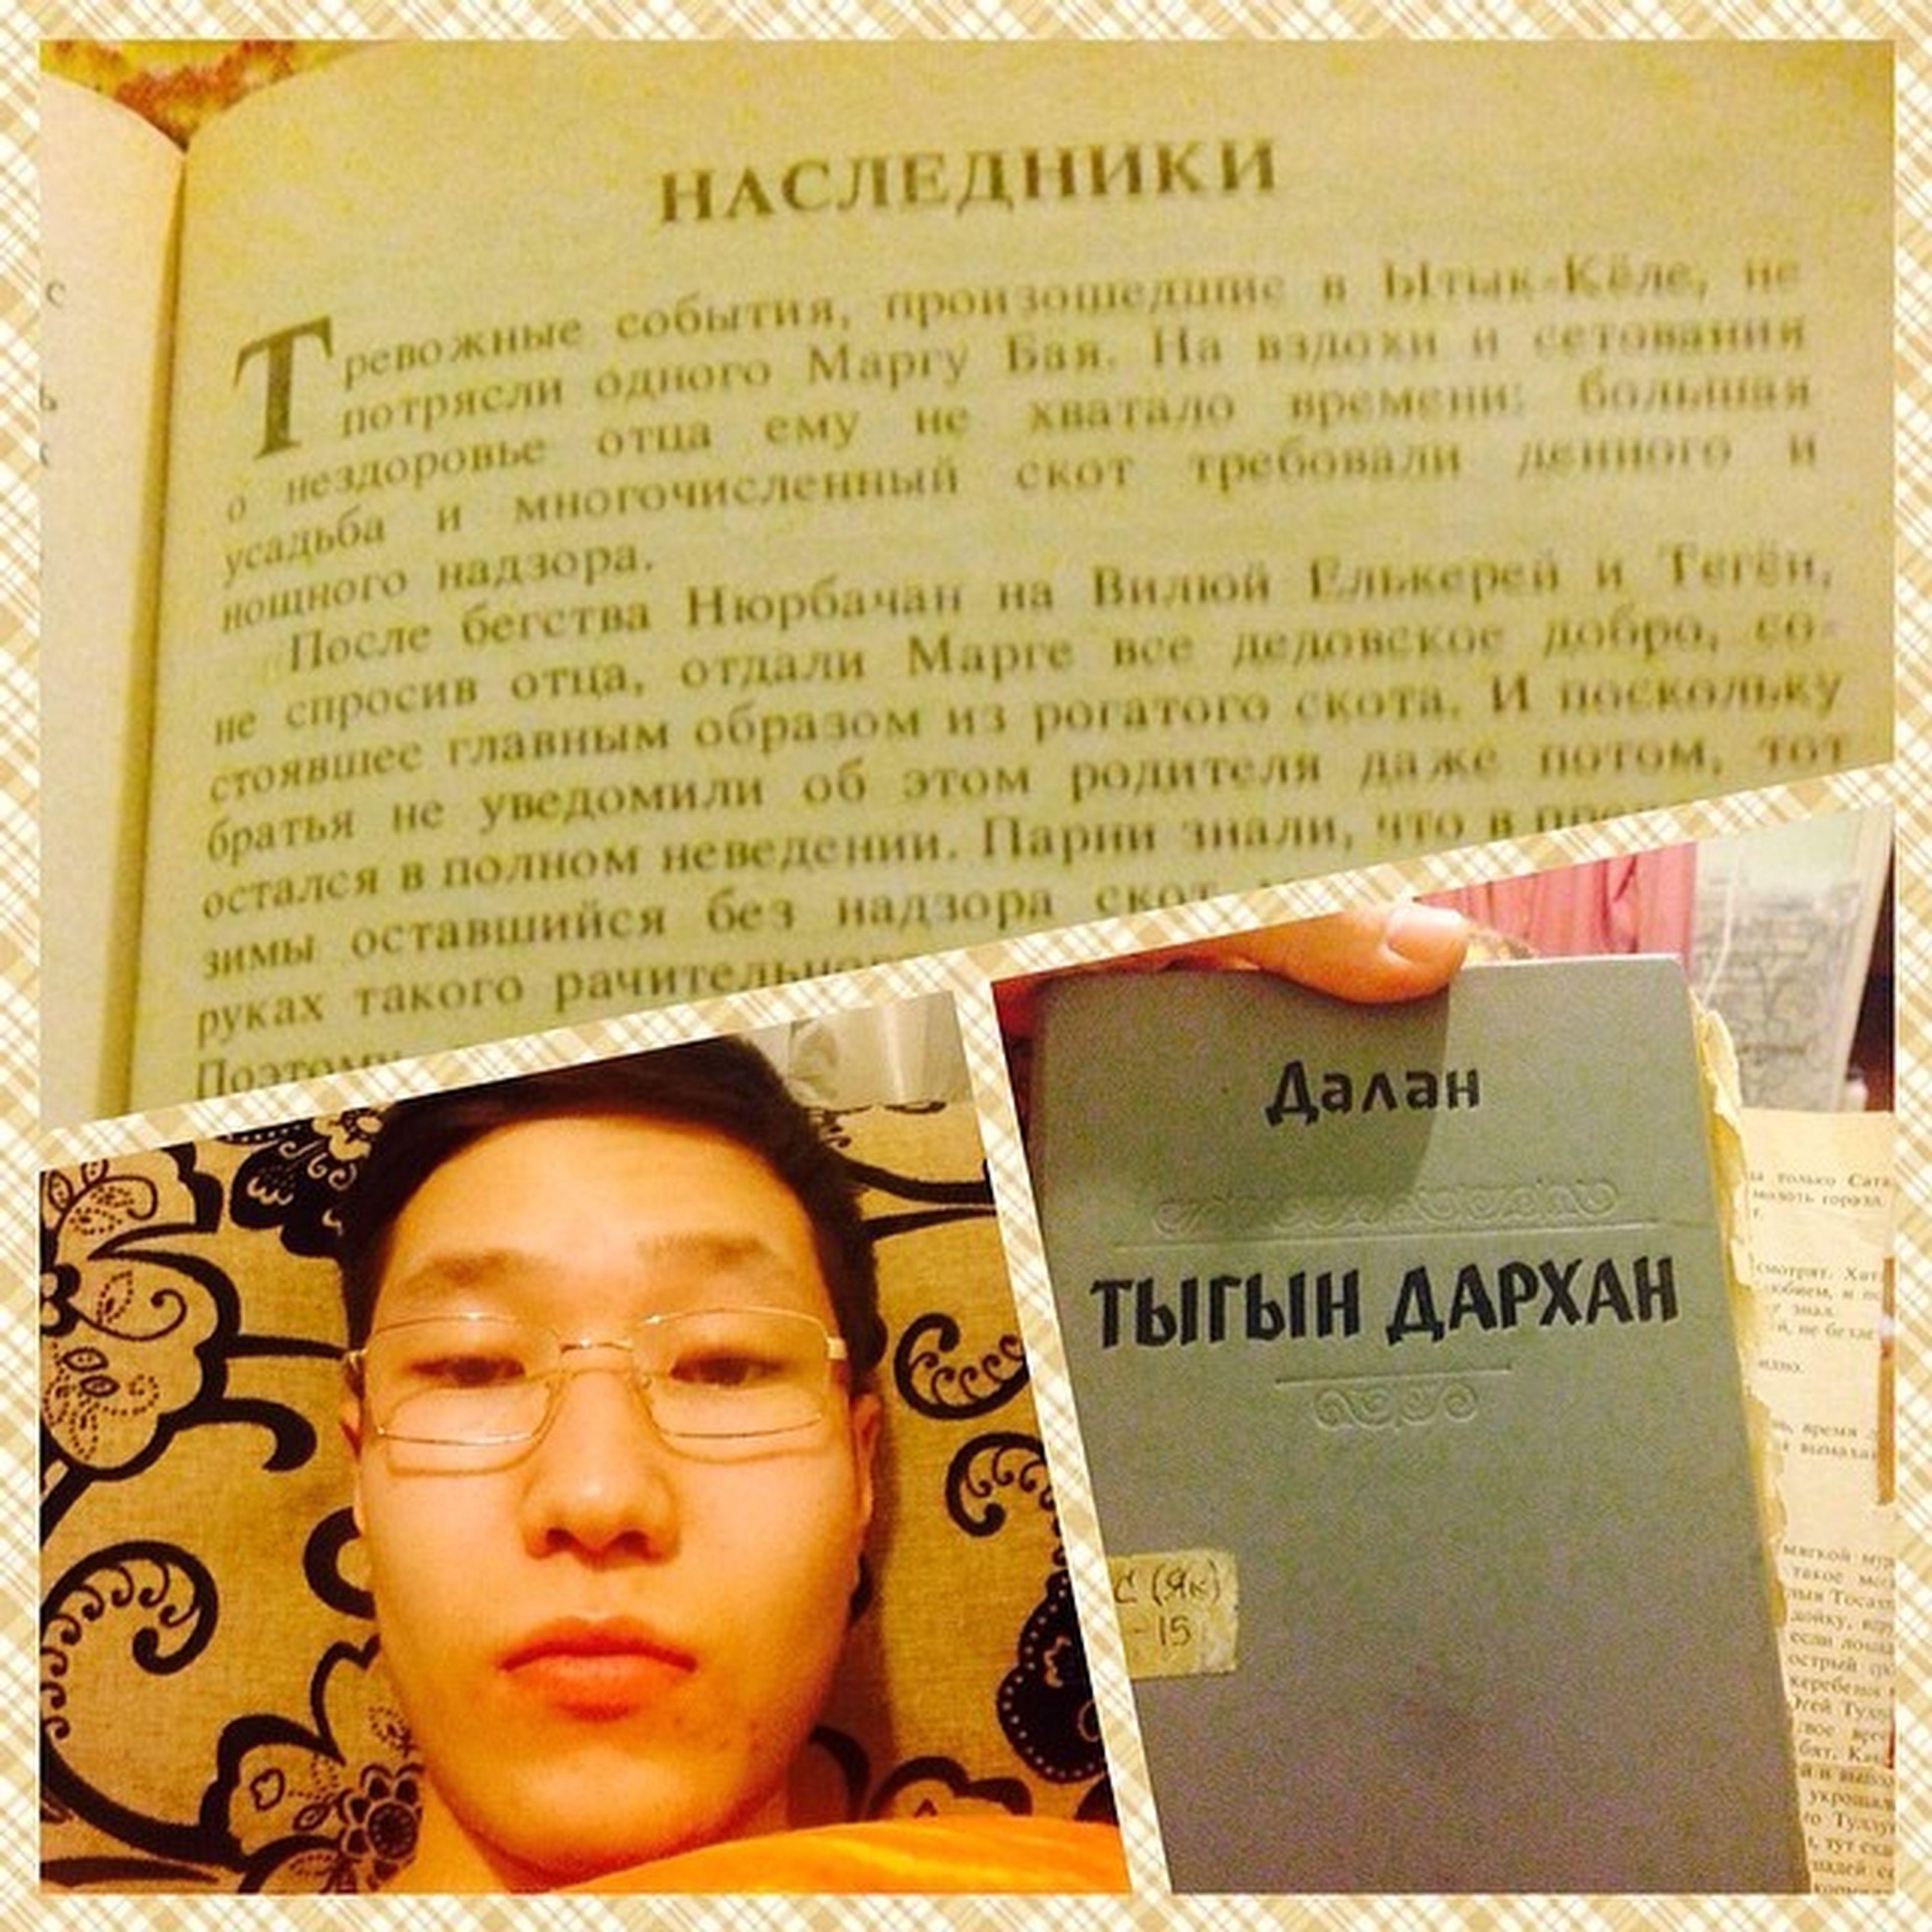 почти прочел ? сейчас узнаем самое интересное ?, кто является наследником наследник ? читаю Тыгын Дархан Далан book read me ykt instaykt yakutia ???☝️